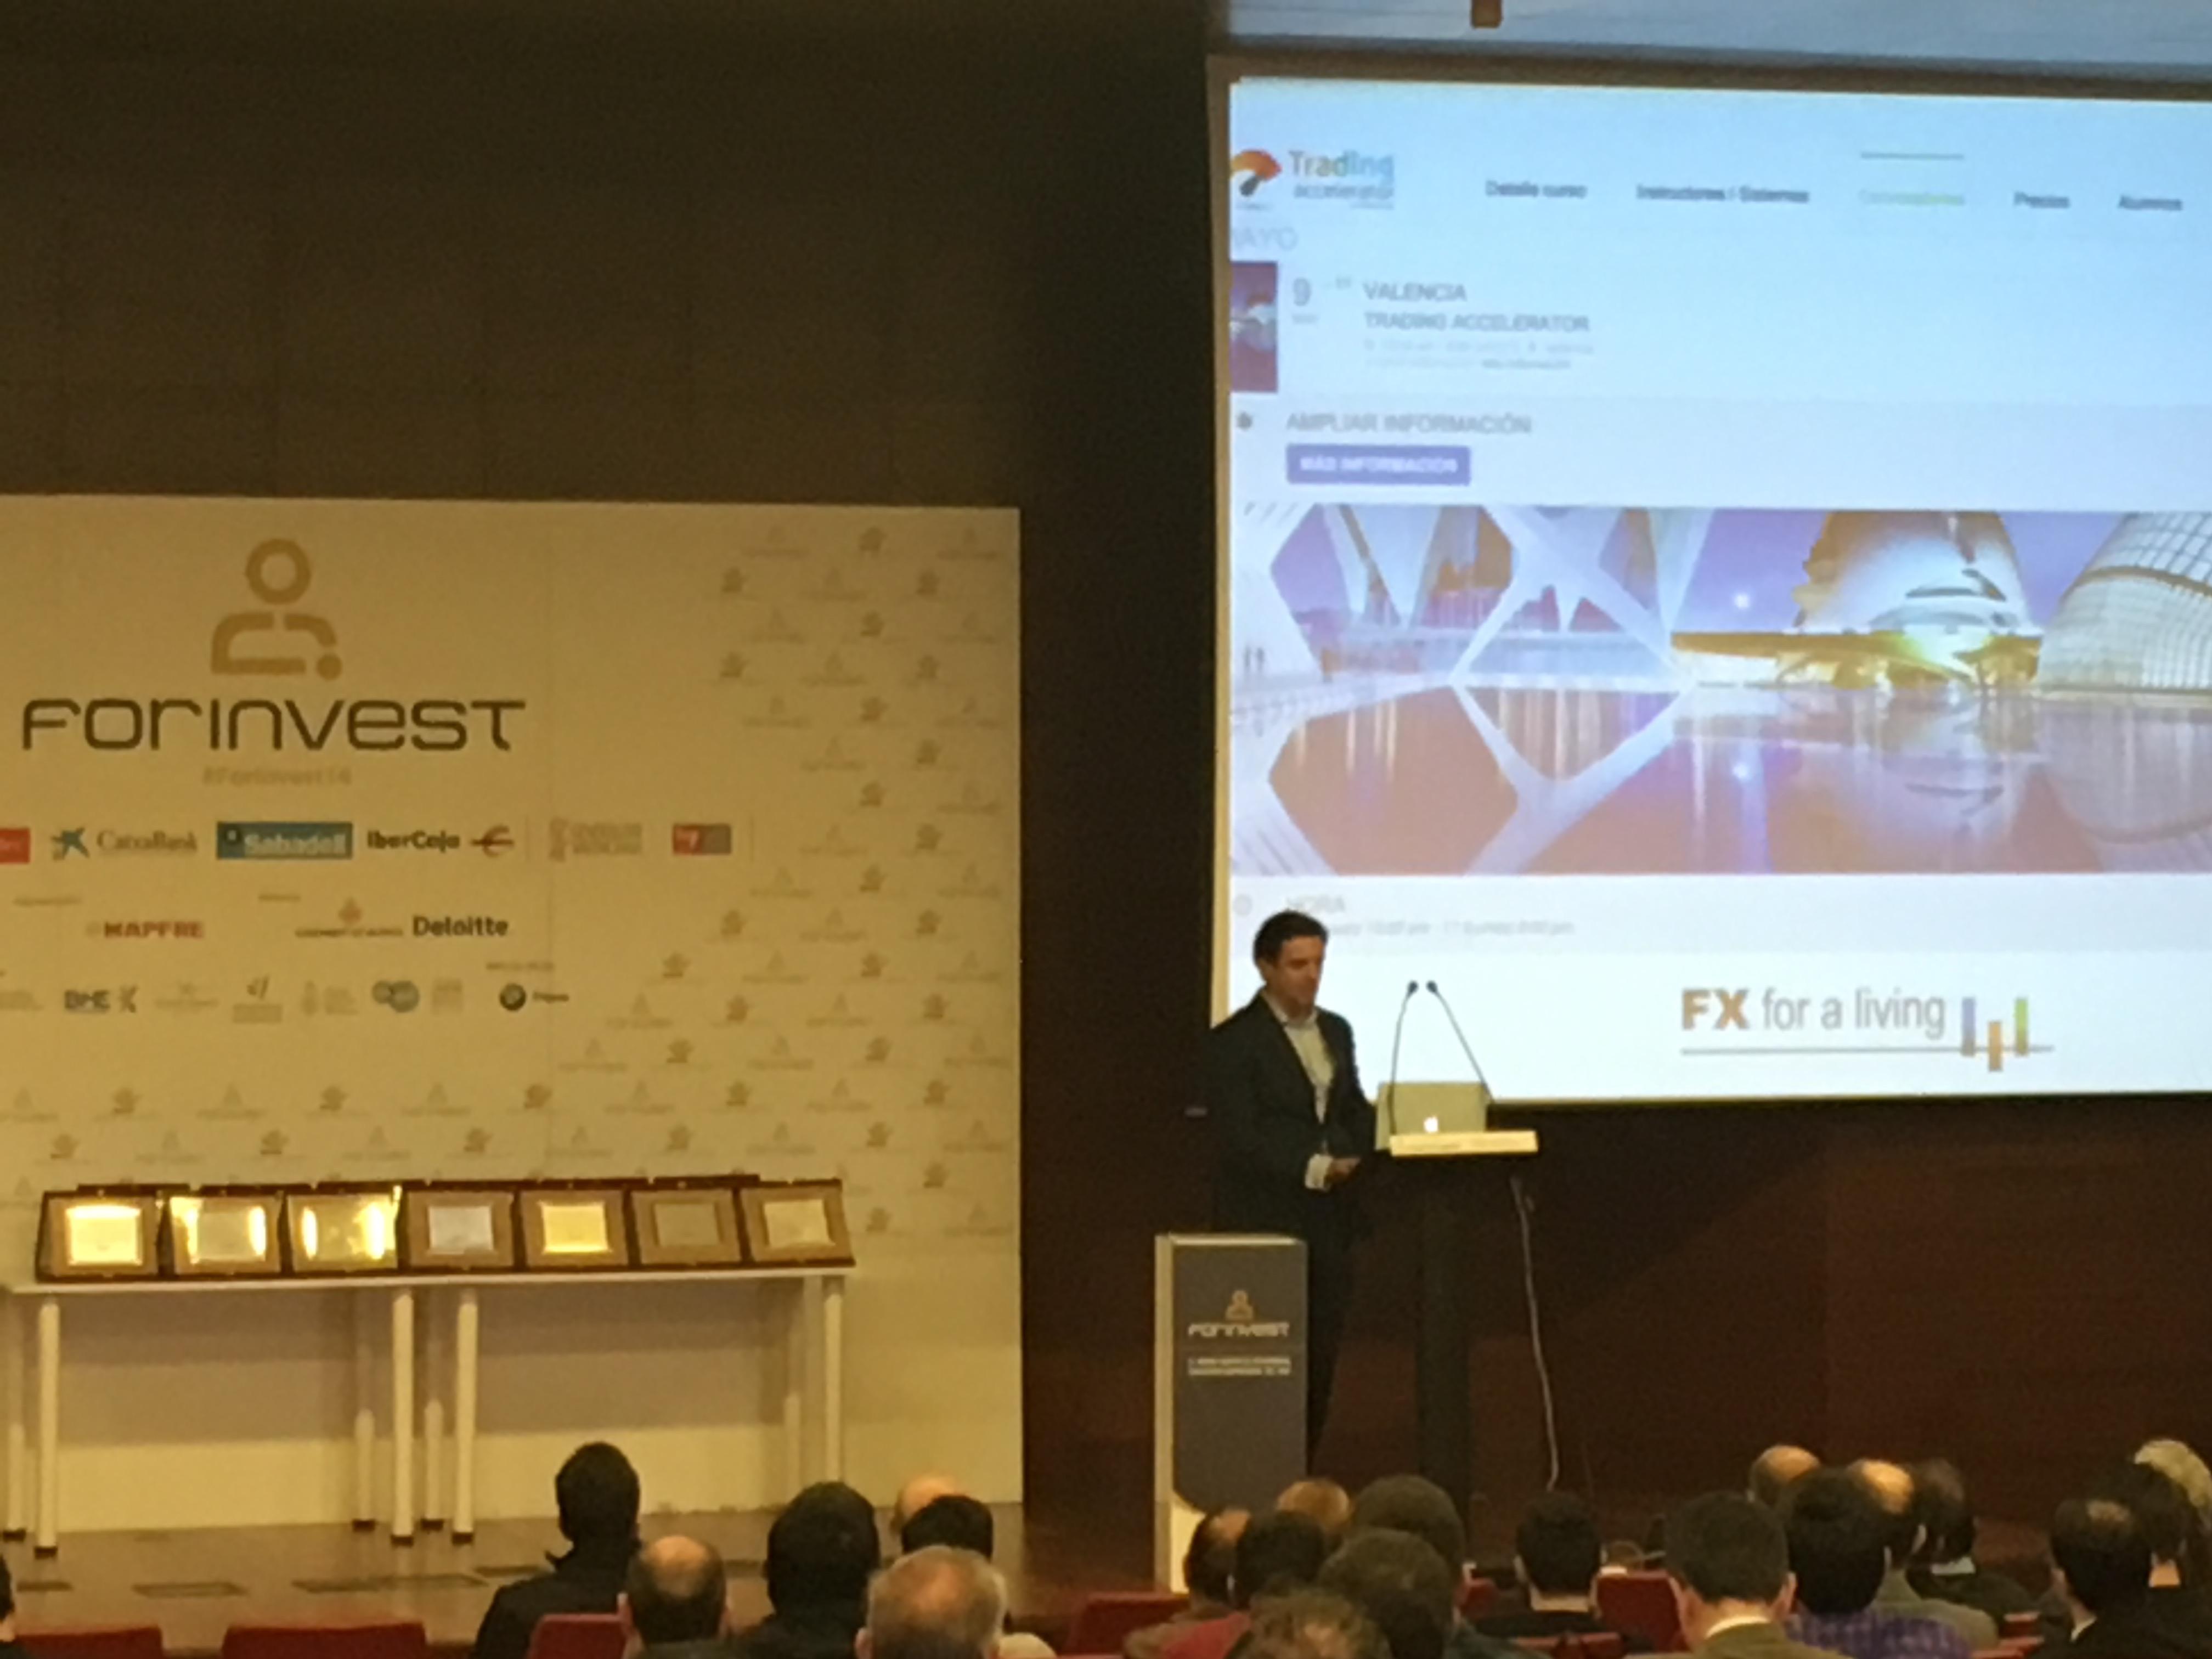 conferencia david aranzabal forinvest 2016